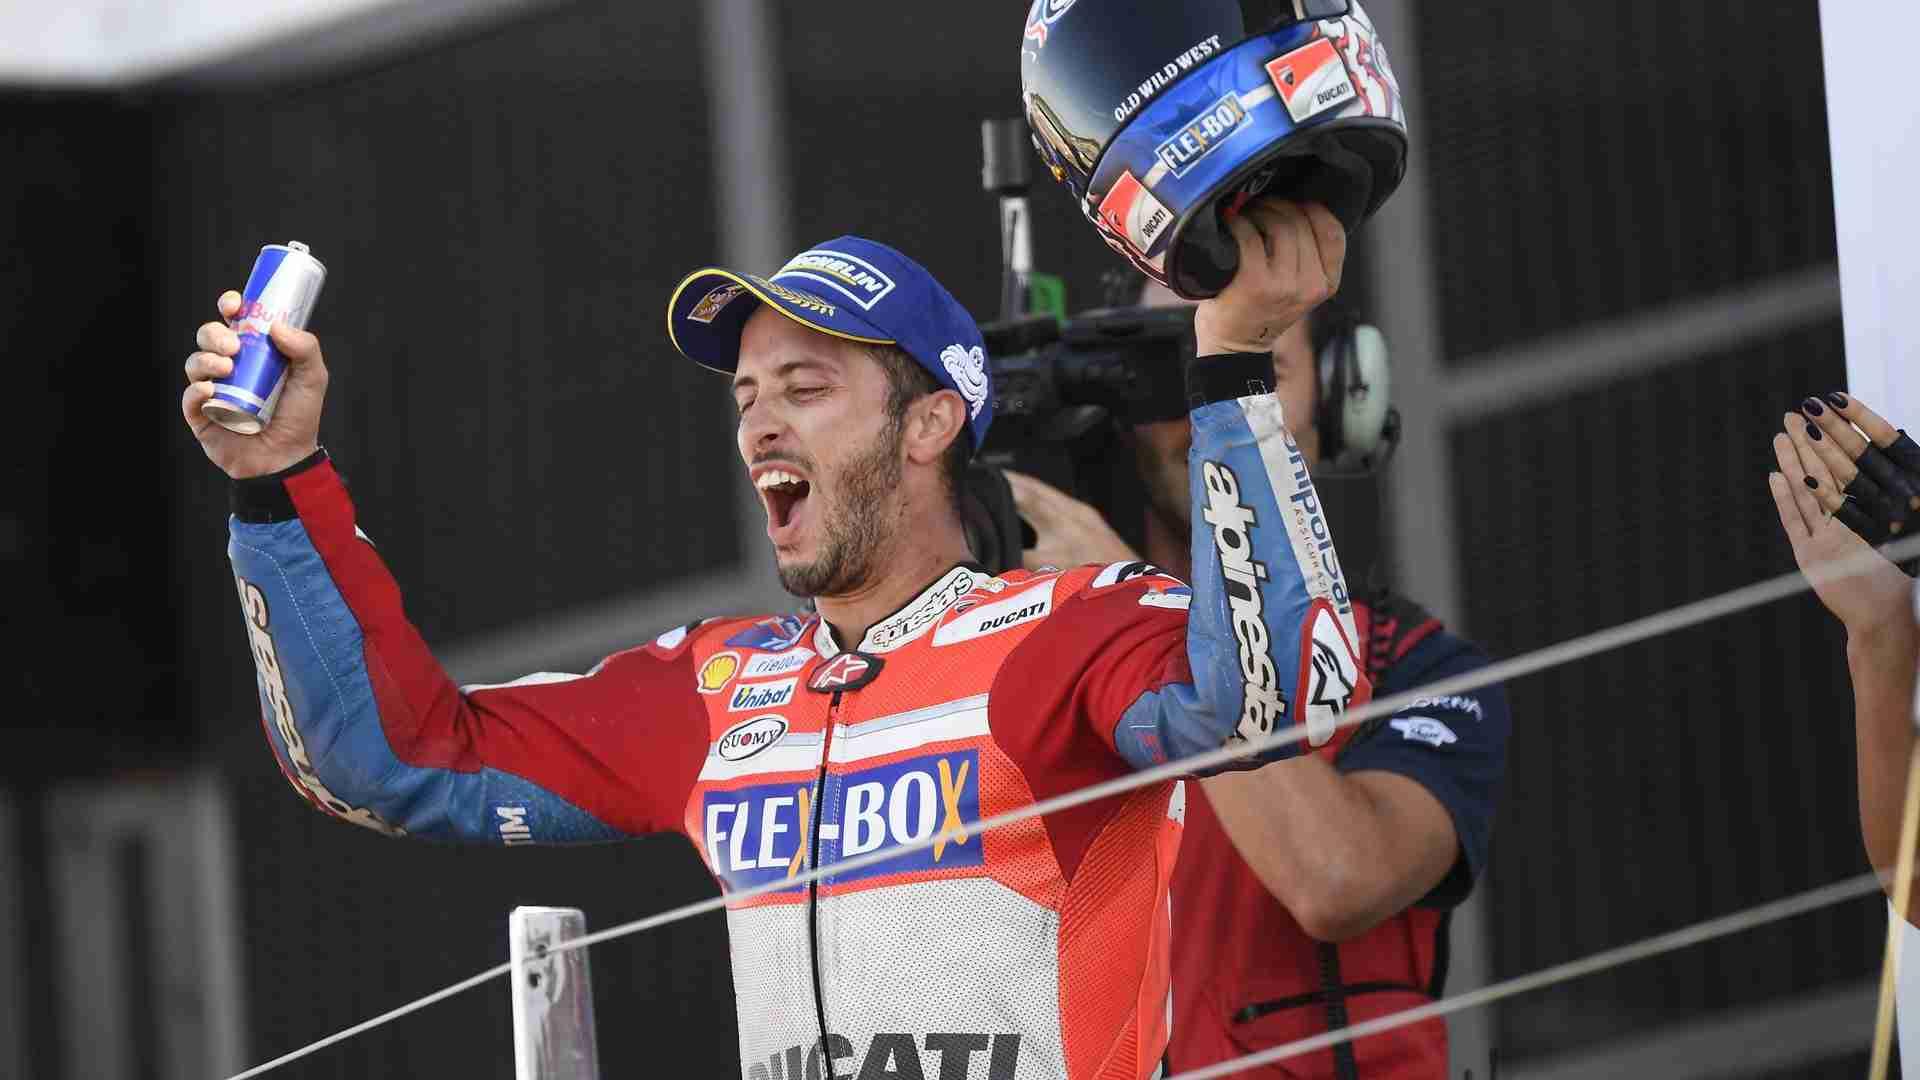 Andrea Dovizioso Silverstone MotoGP 2017